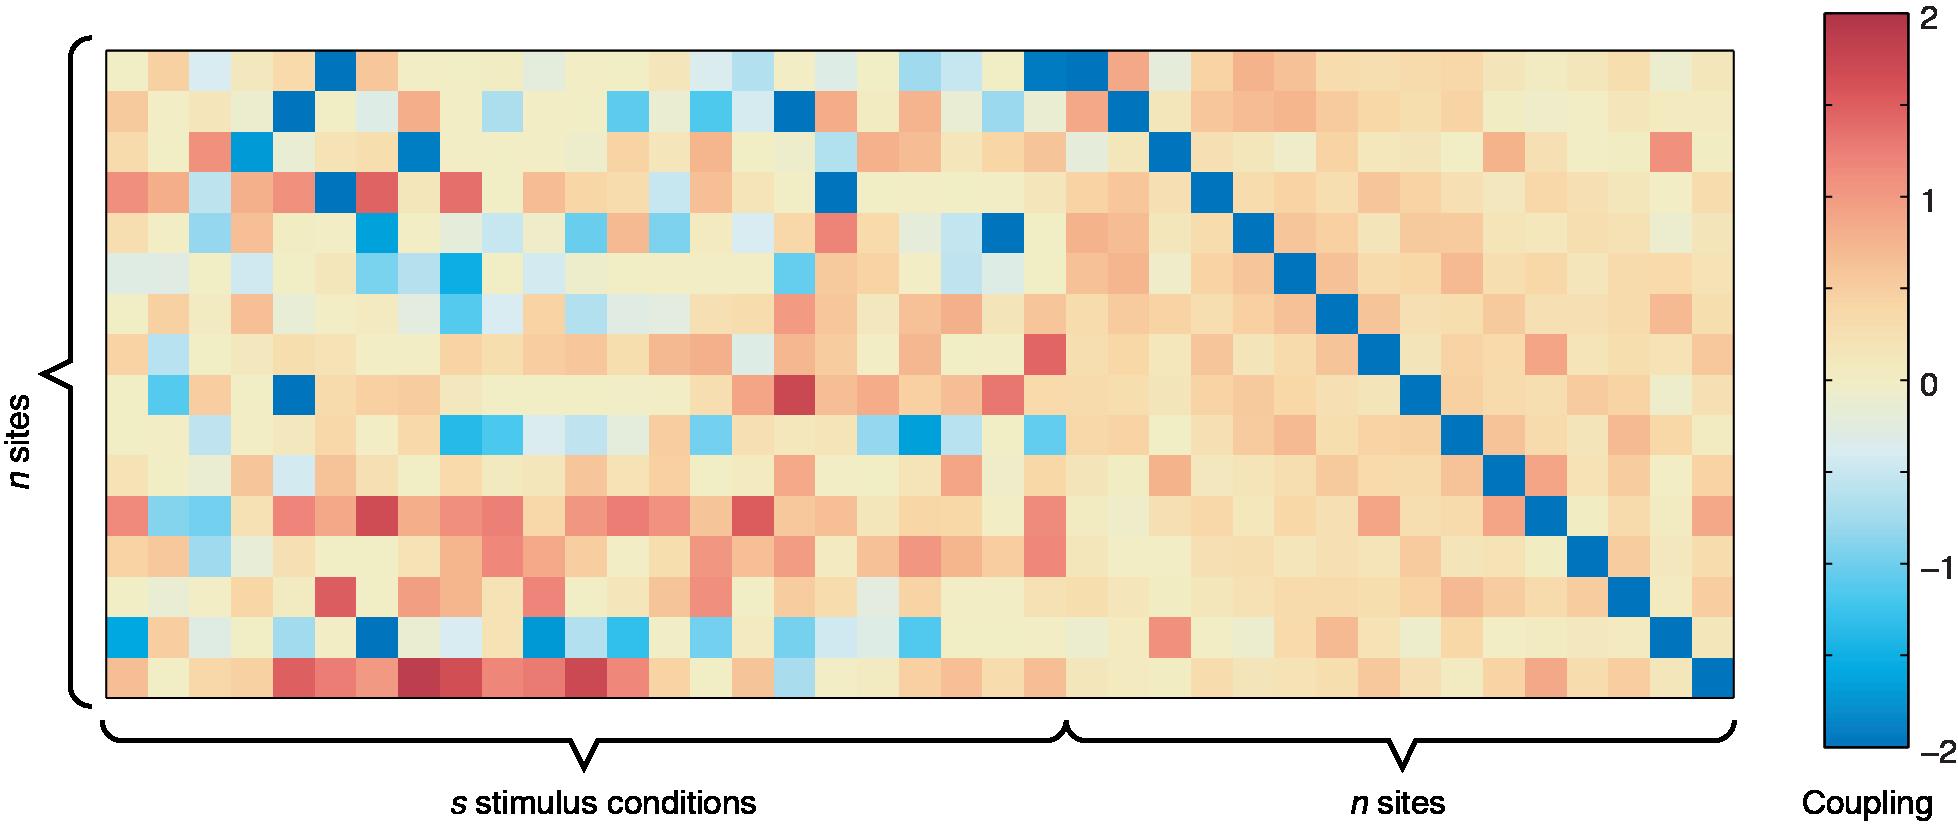 Sample couplings